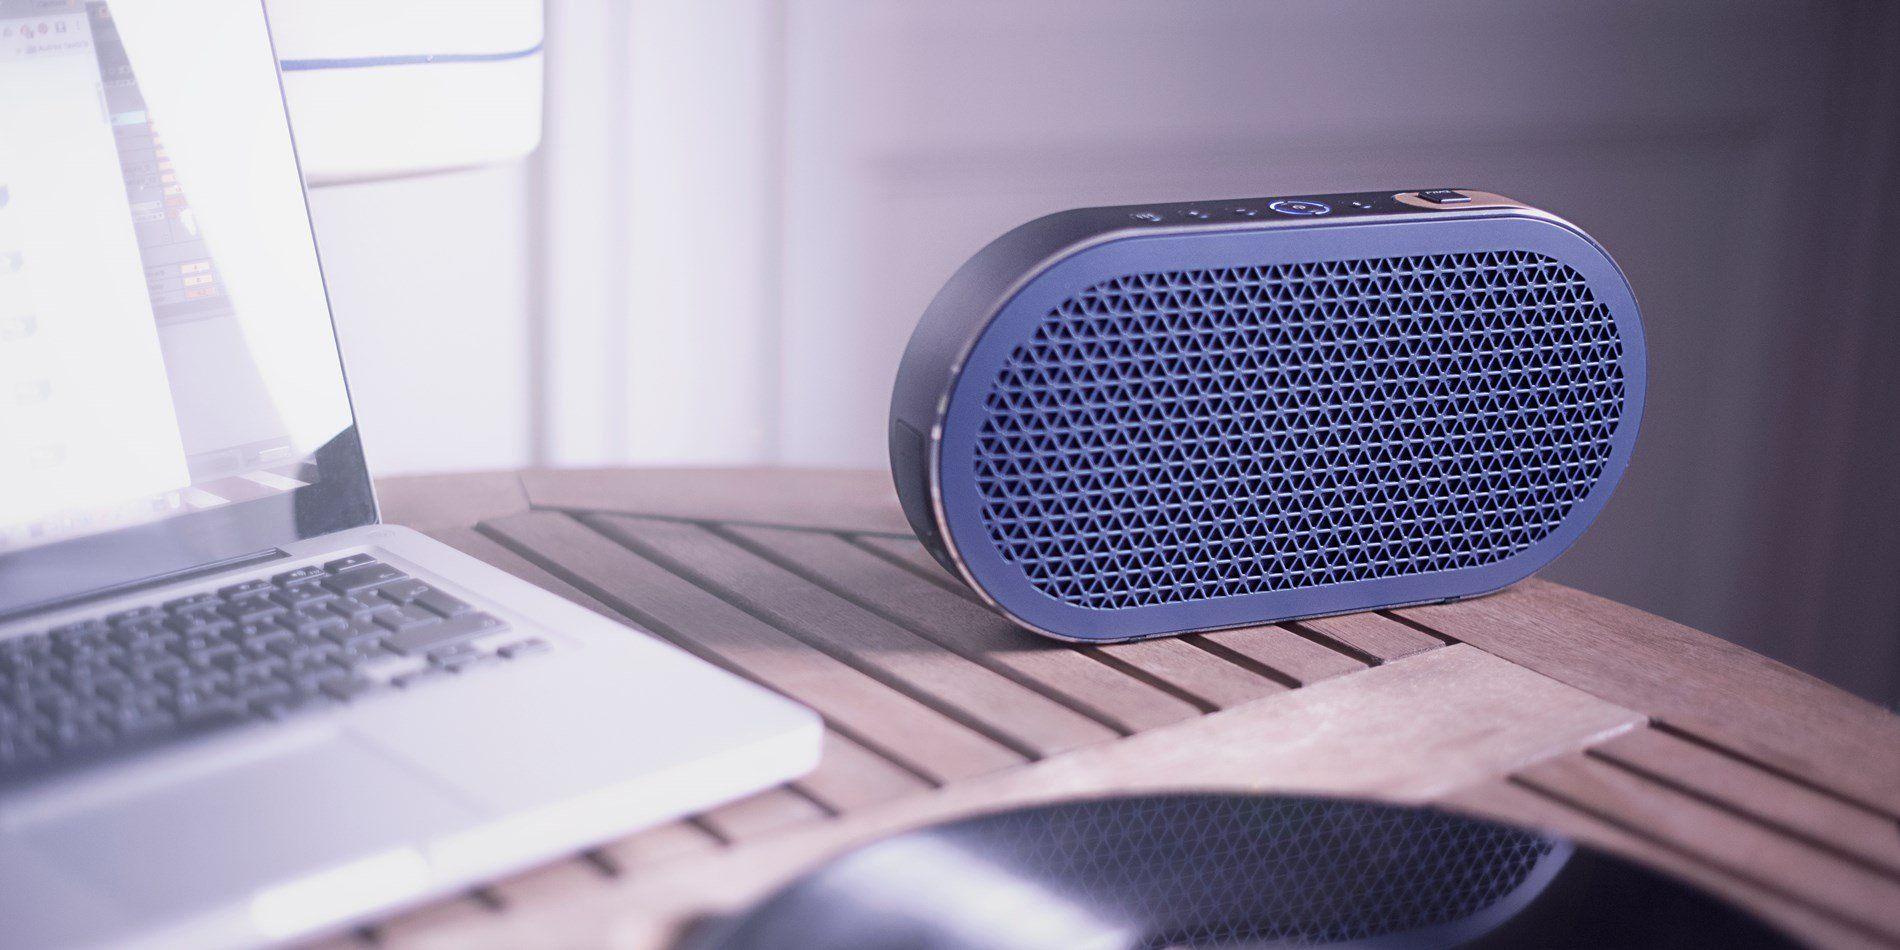 Bezdrátový blutooth reproduktor Dali Katch audiokabel mini jack